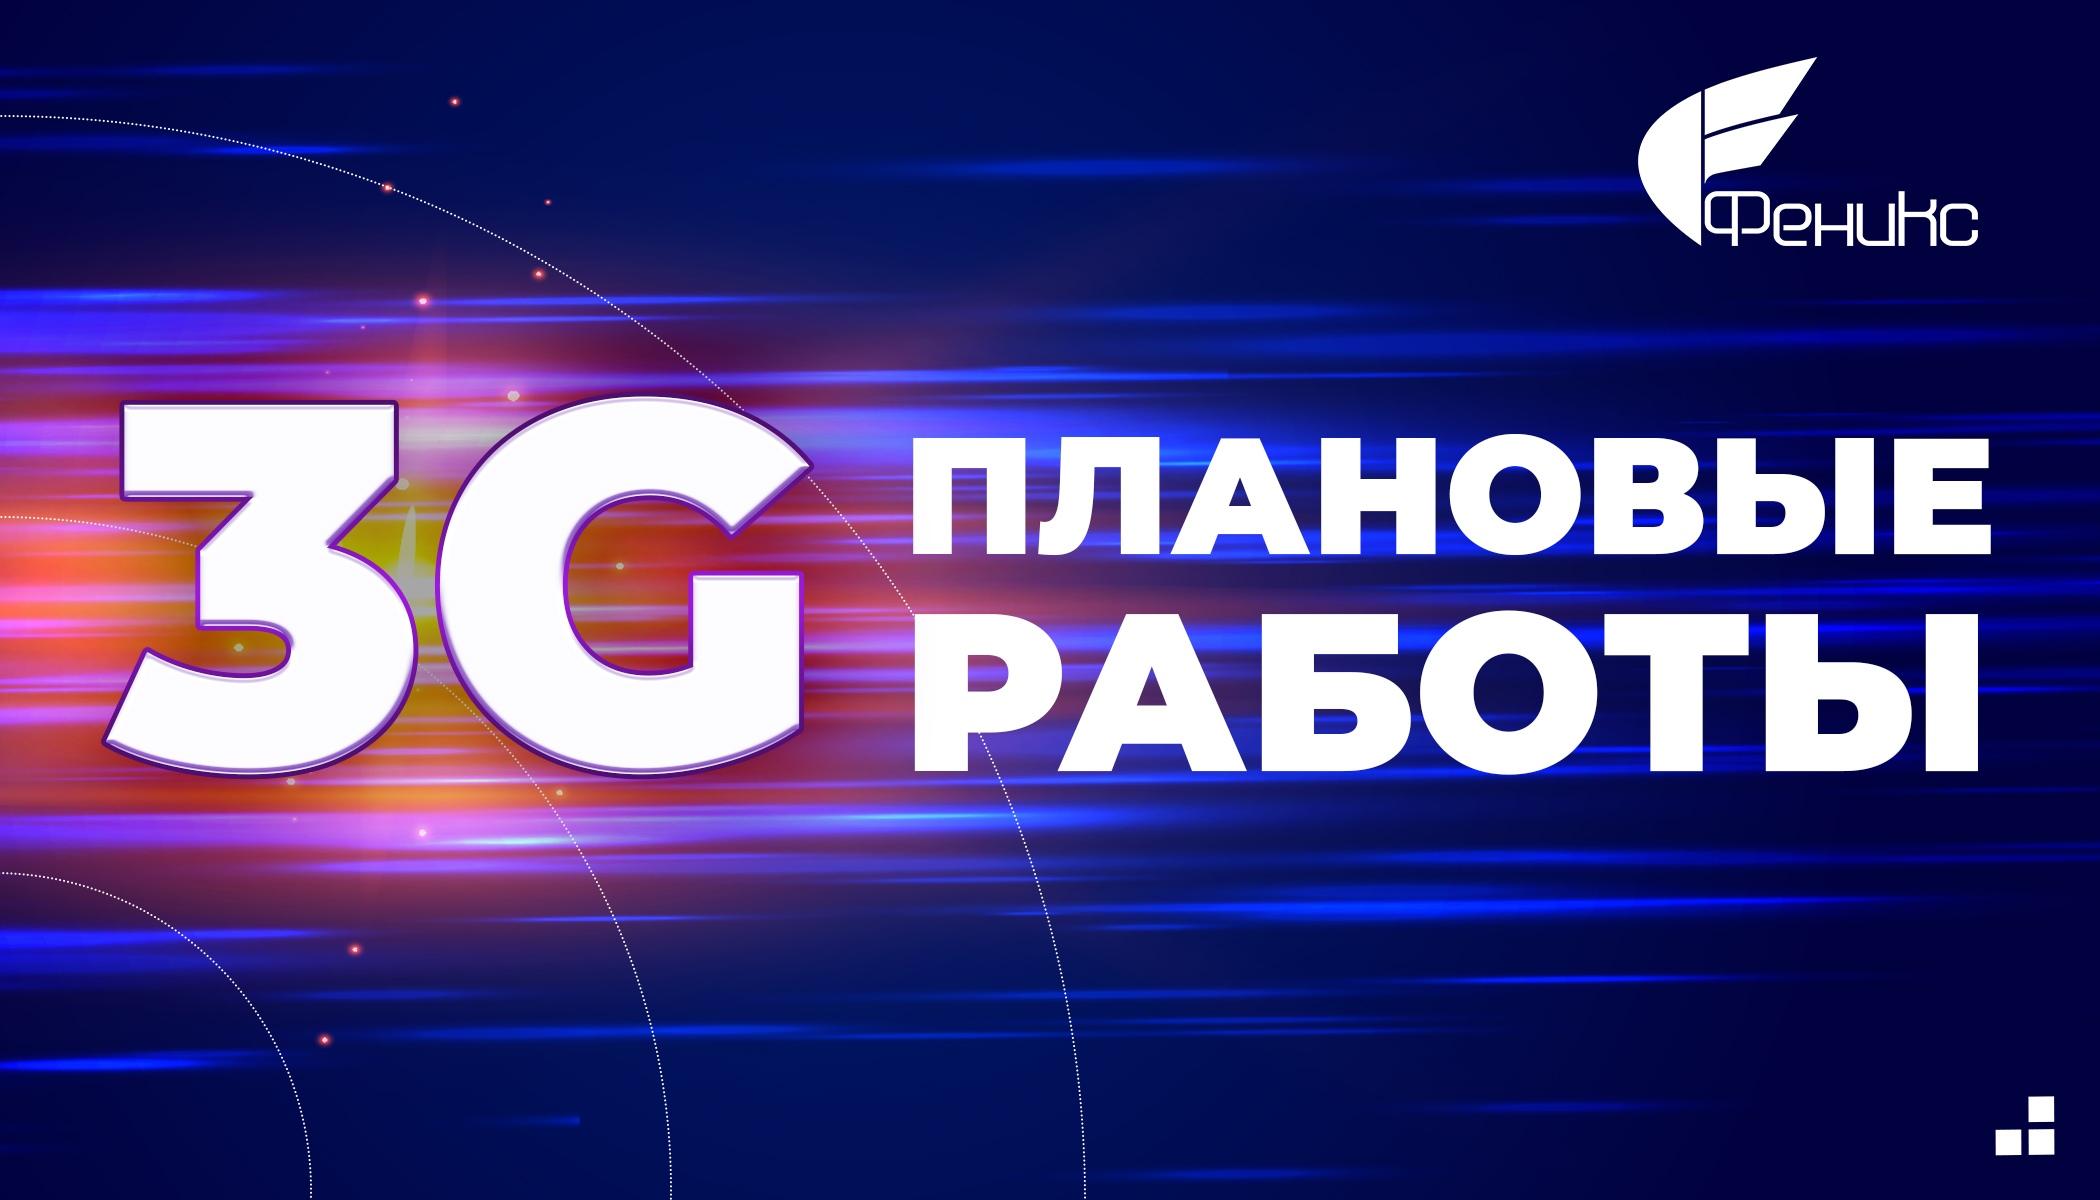 С 23:00 3 декабря до 5:00 4 декабря запланированы работы на сегменте сети 3G